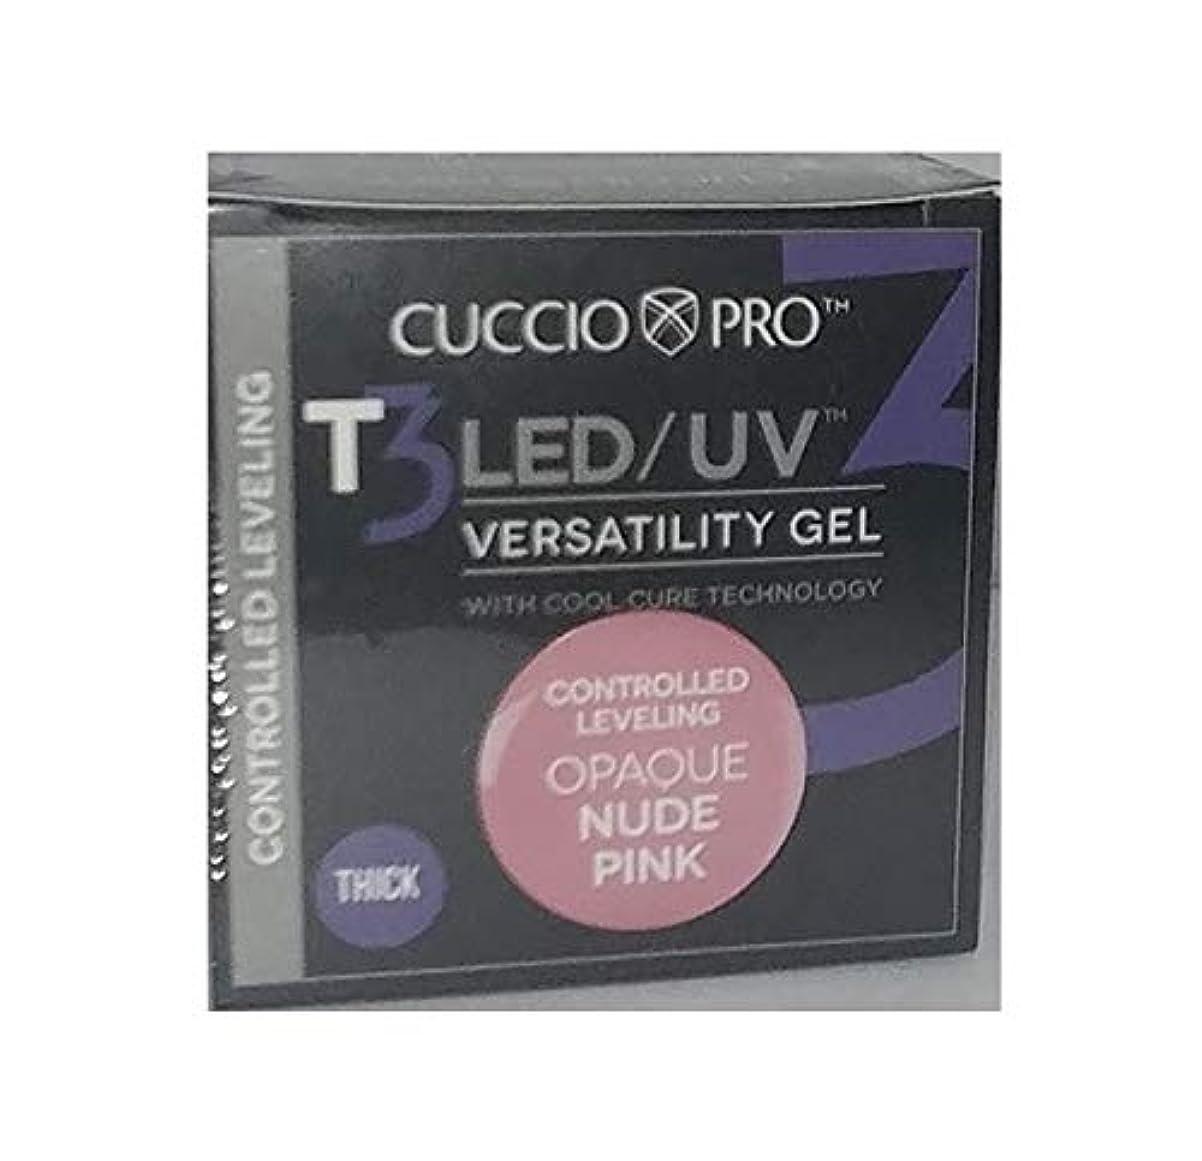 ヒップ霧深い肩をすくめるCuccio Pro - T3 LED/UV Gel - Controlled Leveling - Opaque Nude Pink - 1 oz / 28 g